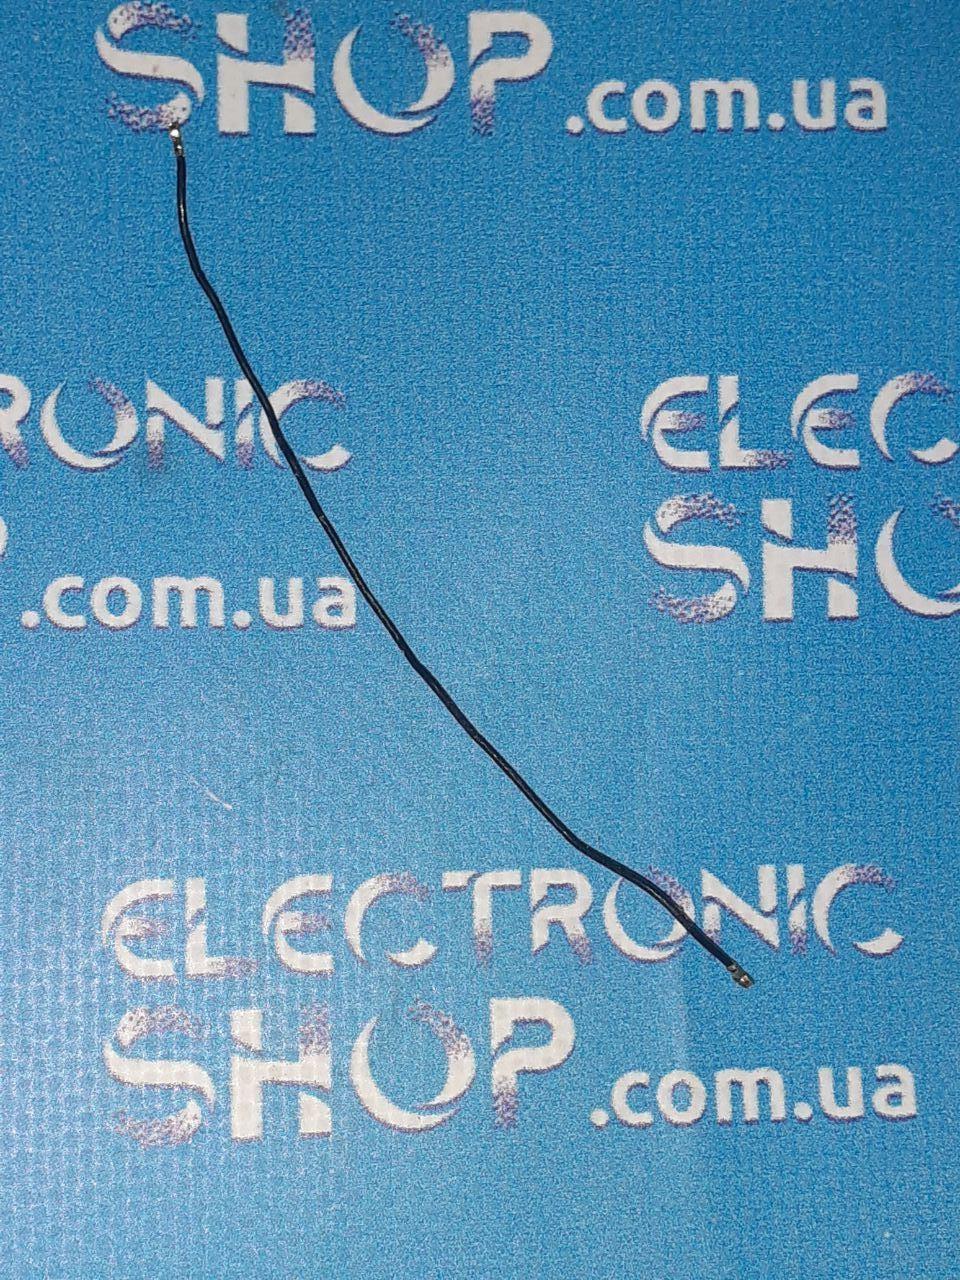 Коаксиальный кабель Bravis S500 Diamond оригинал б.у.